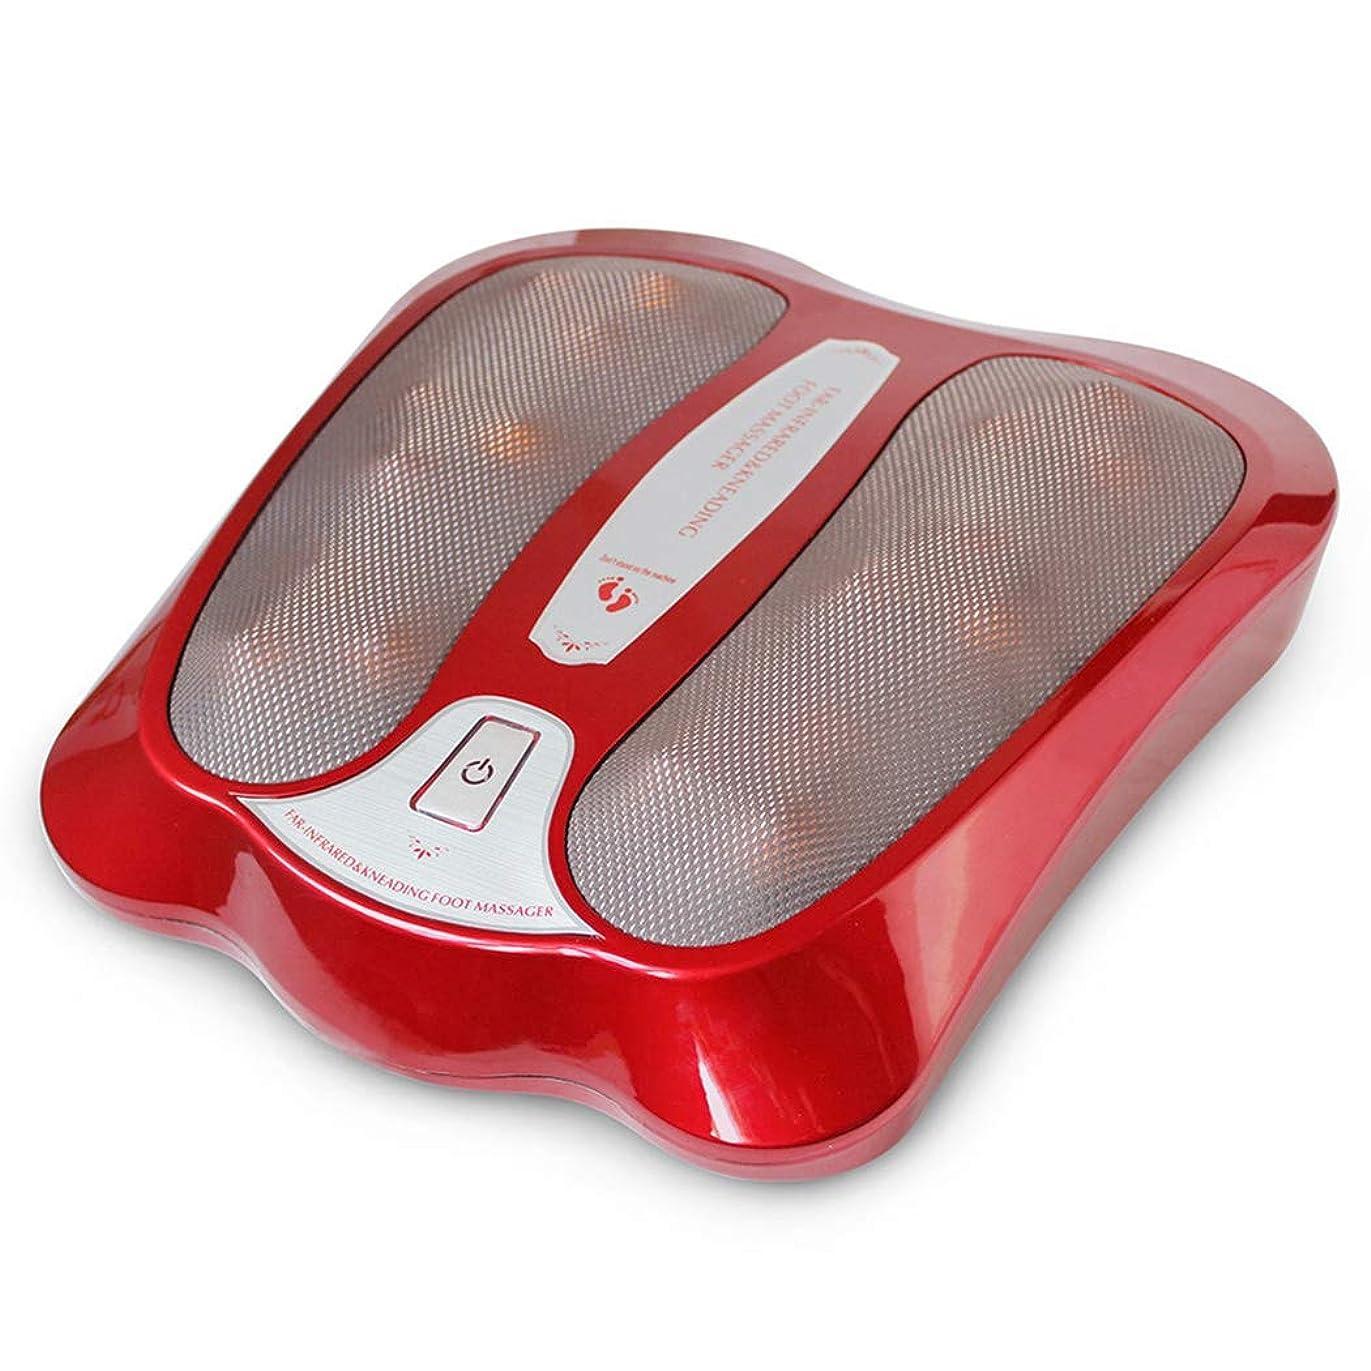 病者コック受ける調整可能 足のマッサージ機、ABS素材、熱を伴う足のマッサージ、家庭での、そしてオフィスでの足裏マッサージとストレス解消のための リラックス